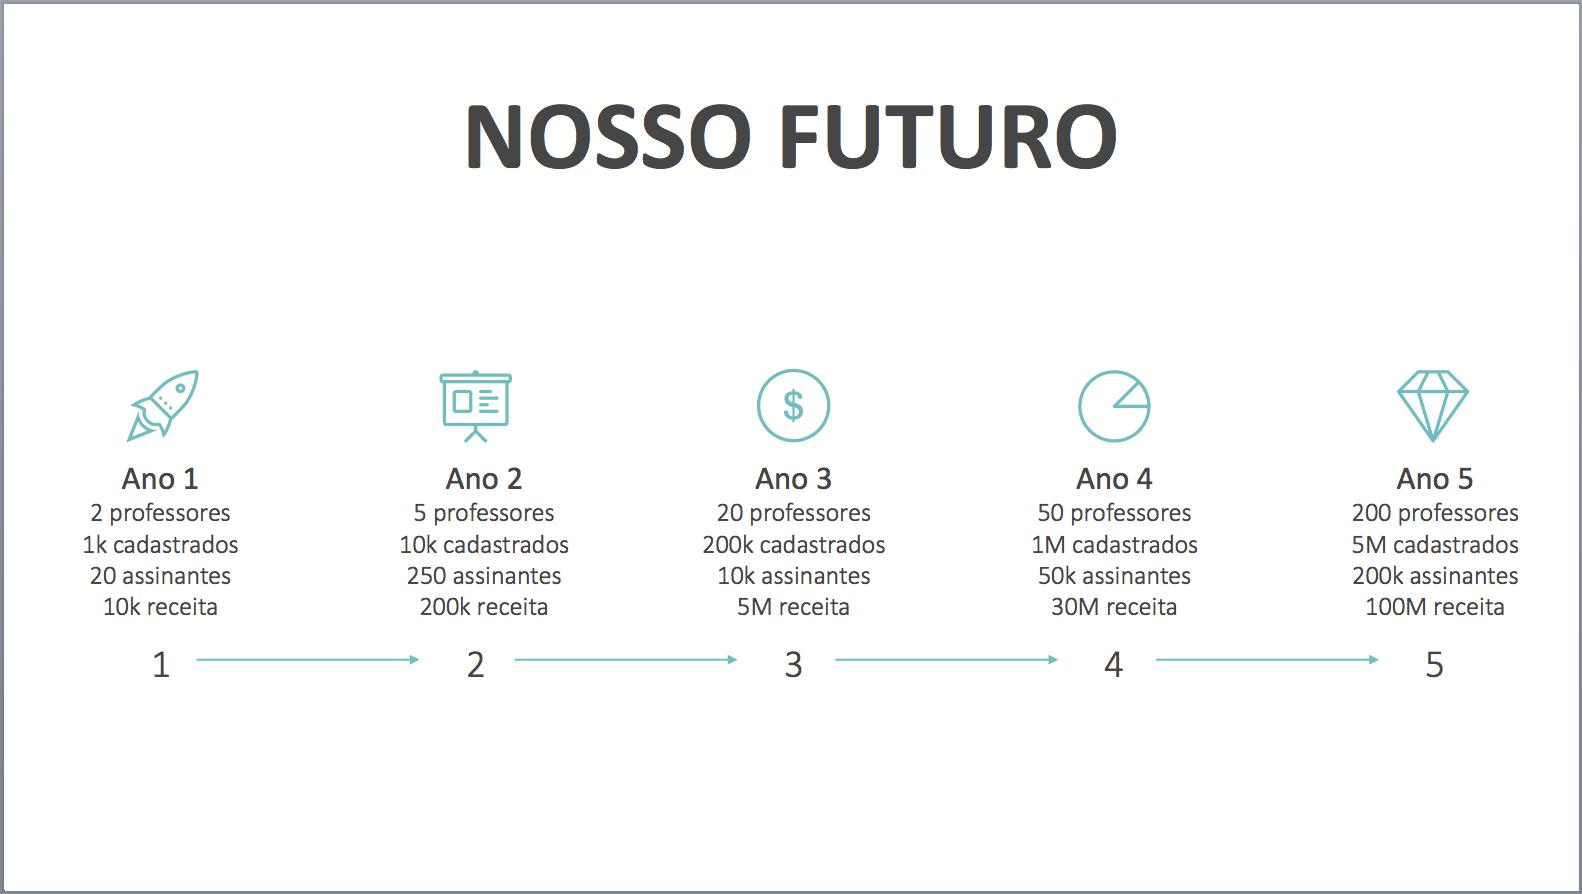 Linha do tempo futura no plano de negócios